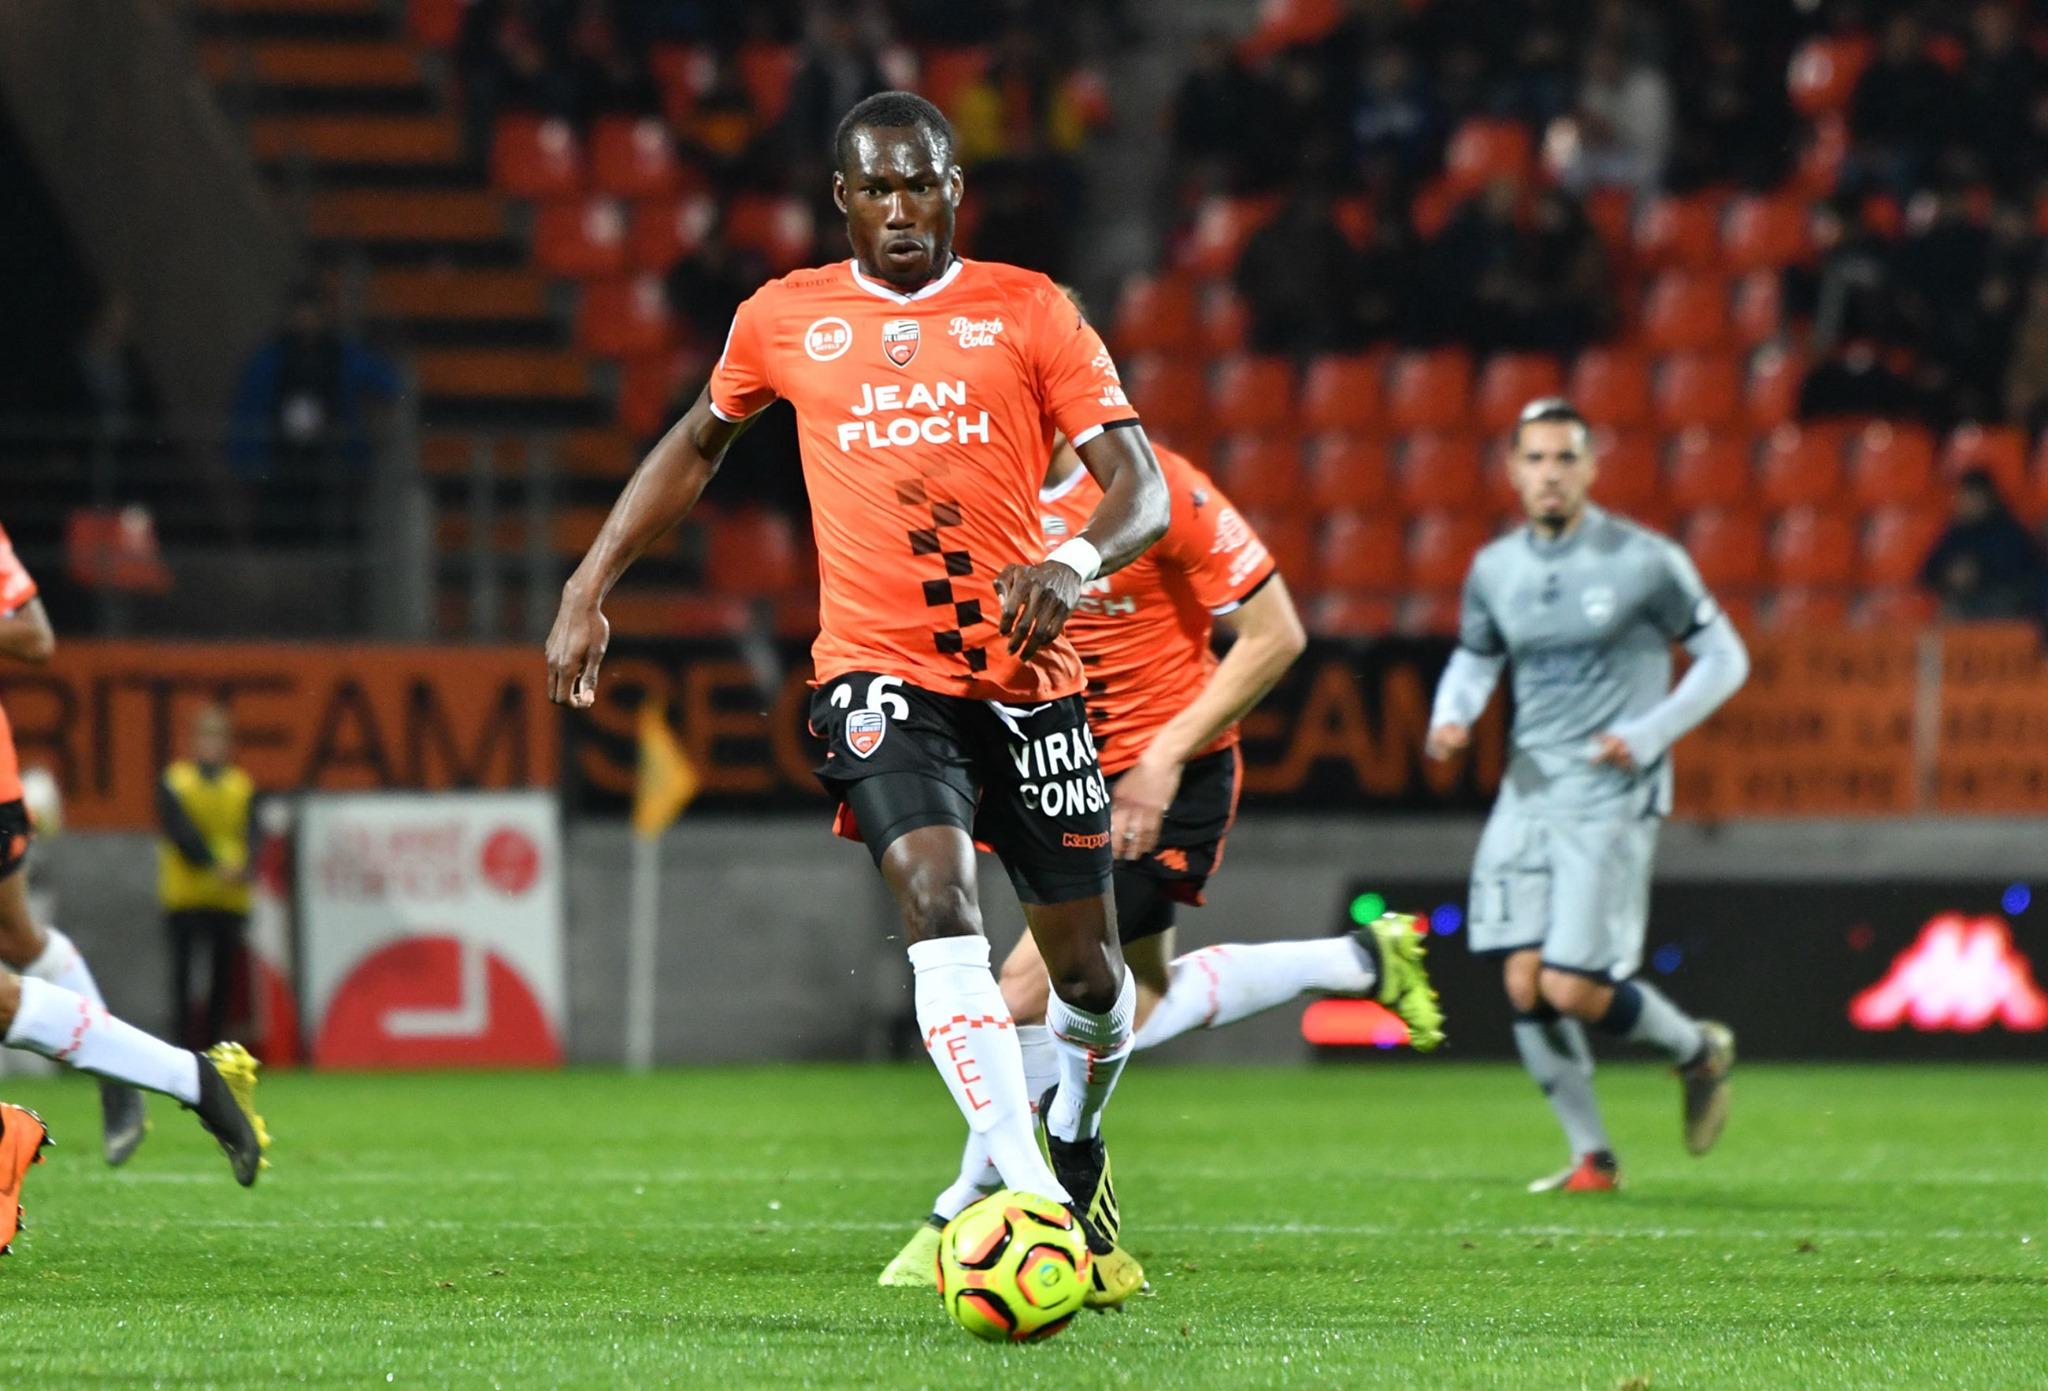 Soi kèo Chateauroux vs Lorient